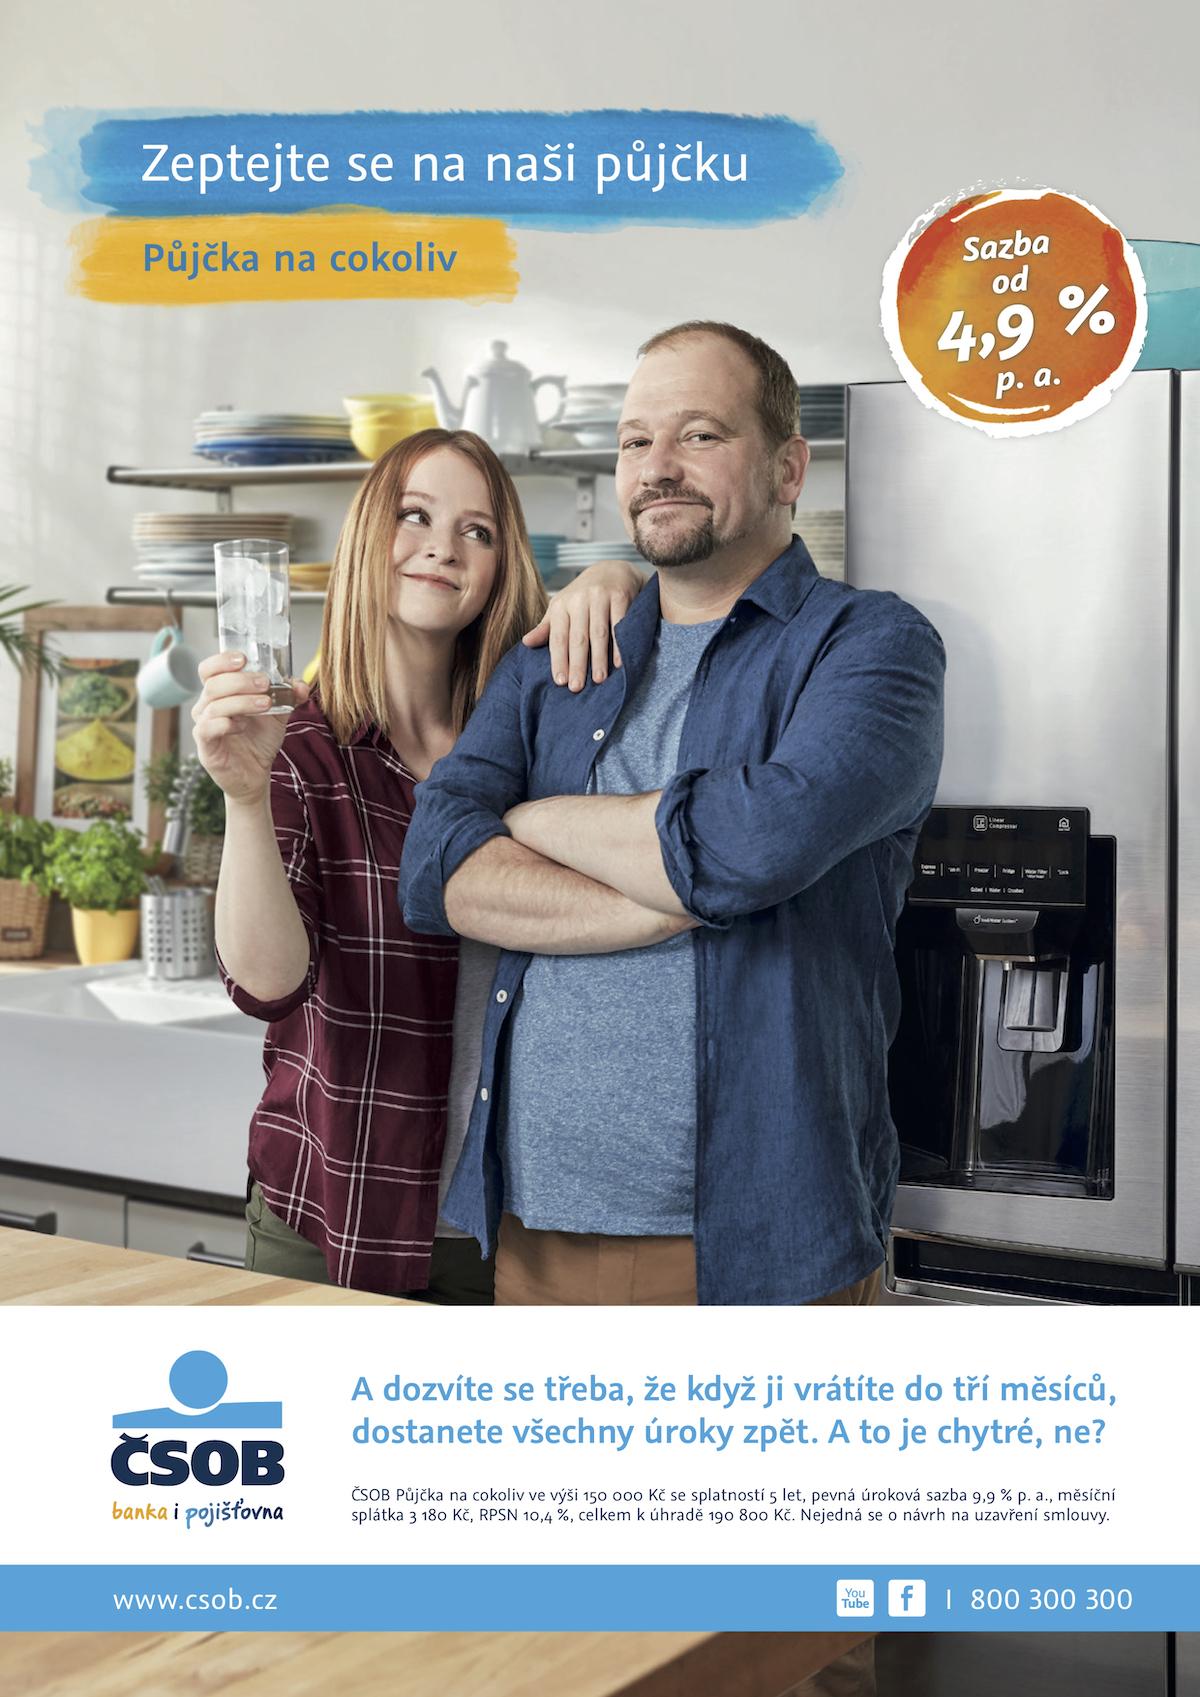 Marie Doležalová a Marek Taclík v další vlně kampaně ČSOB